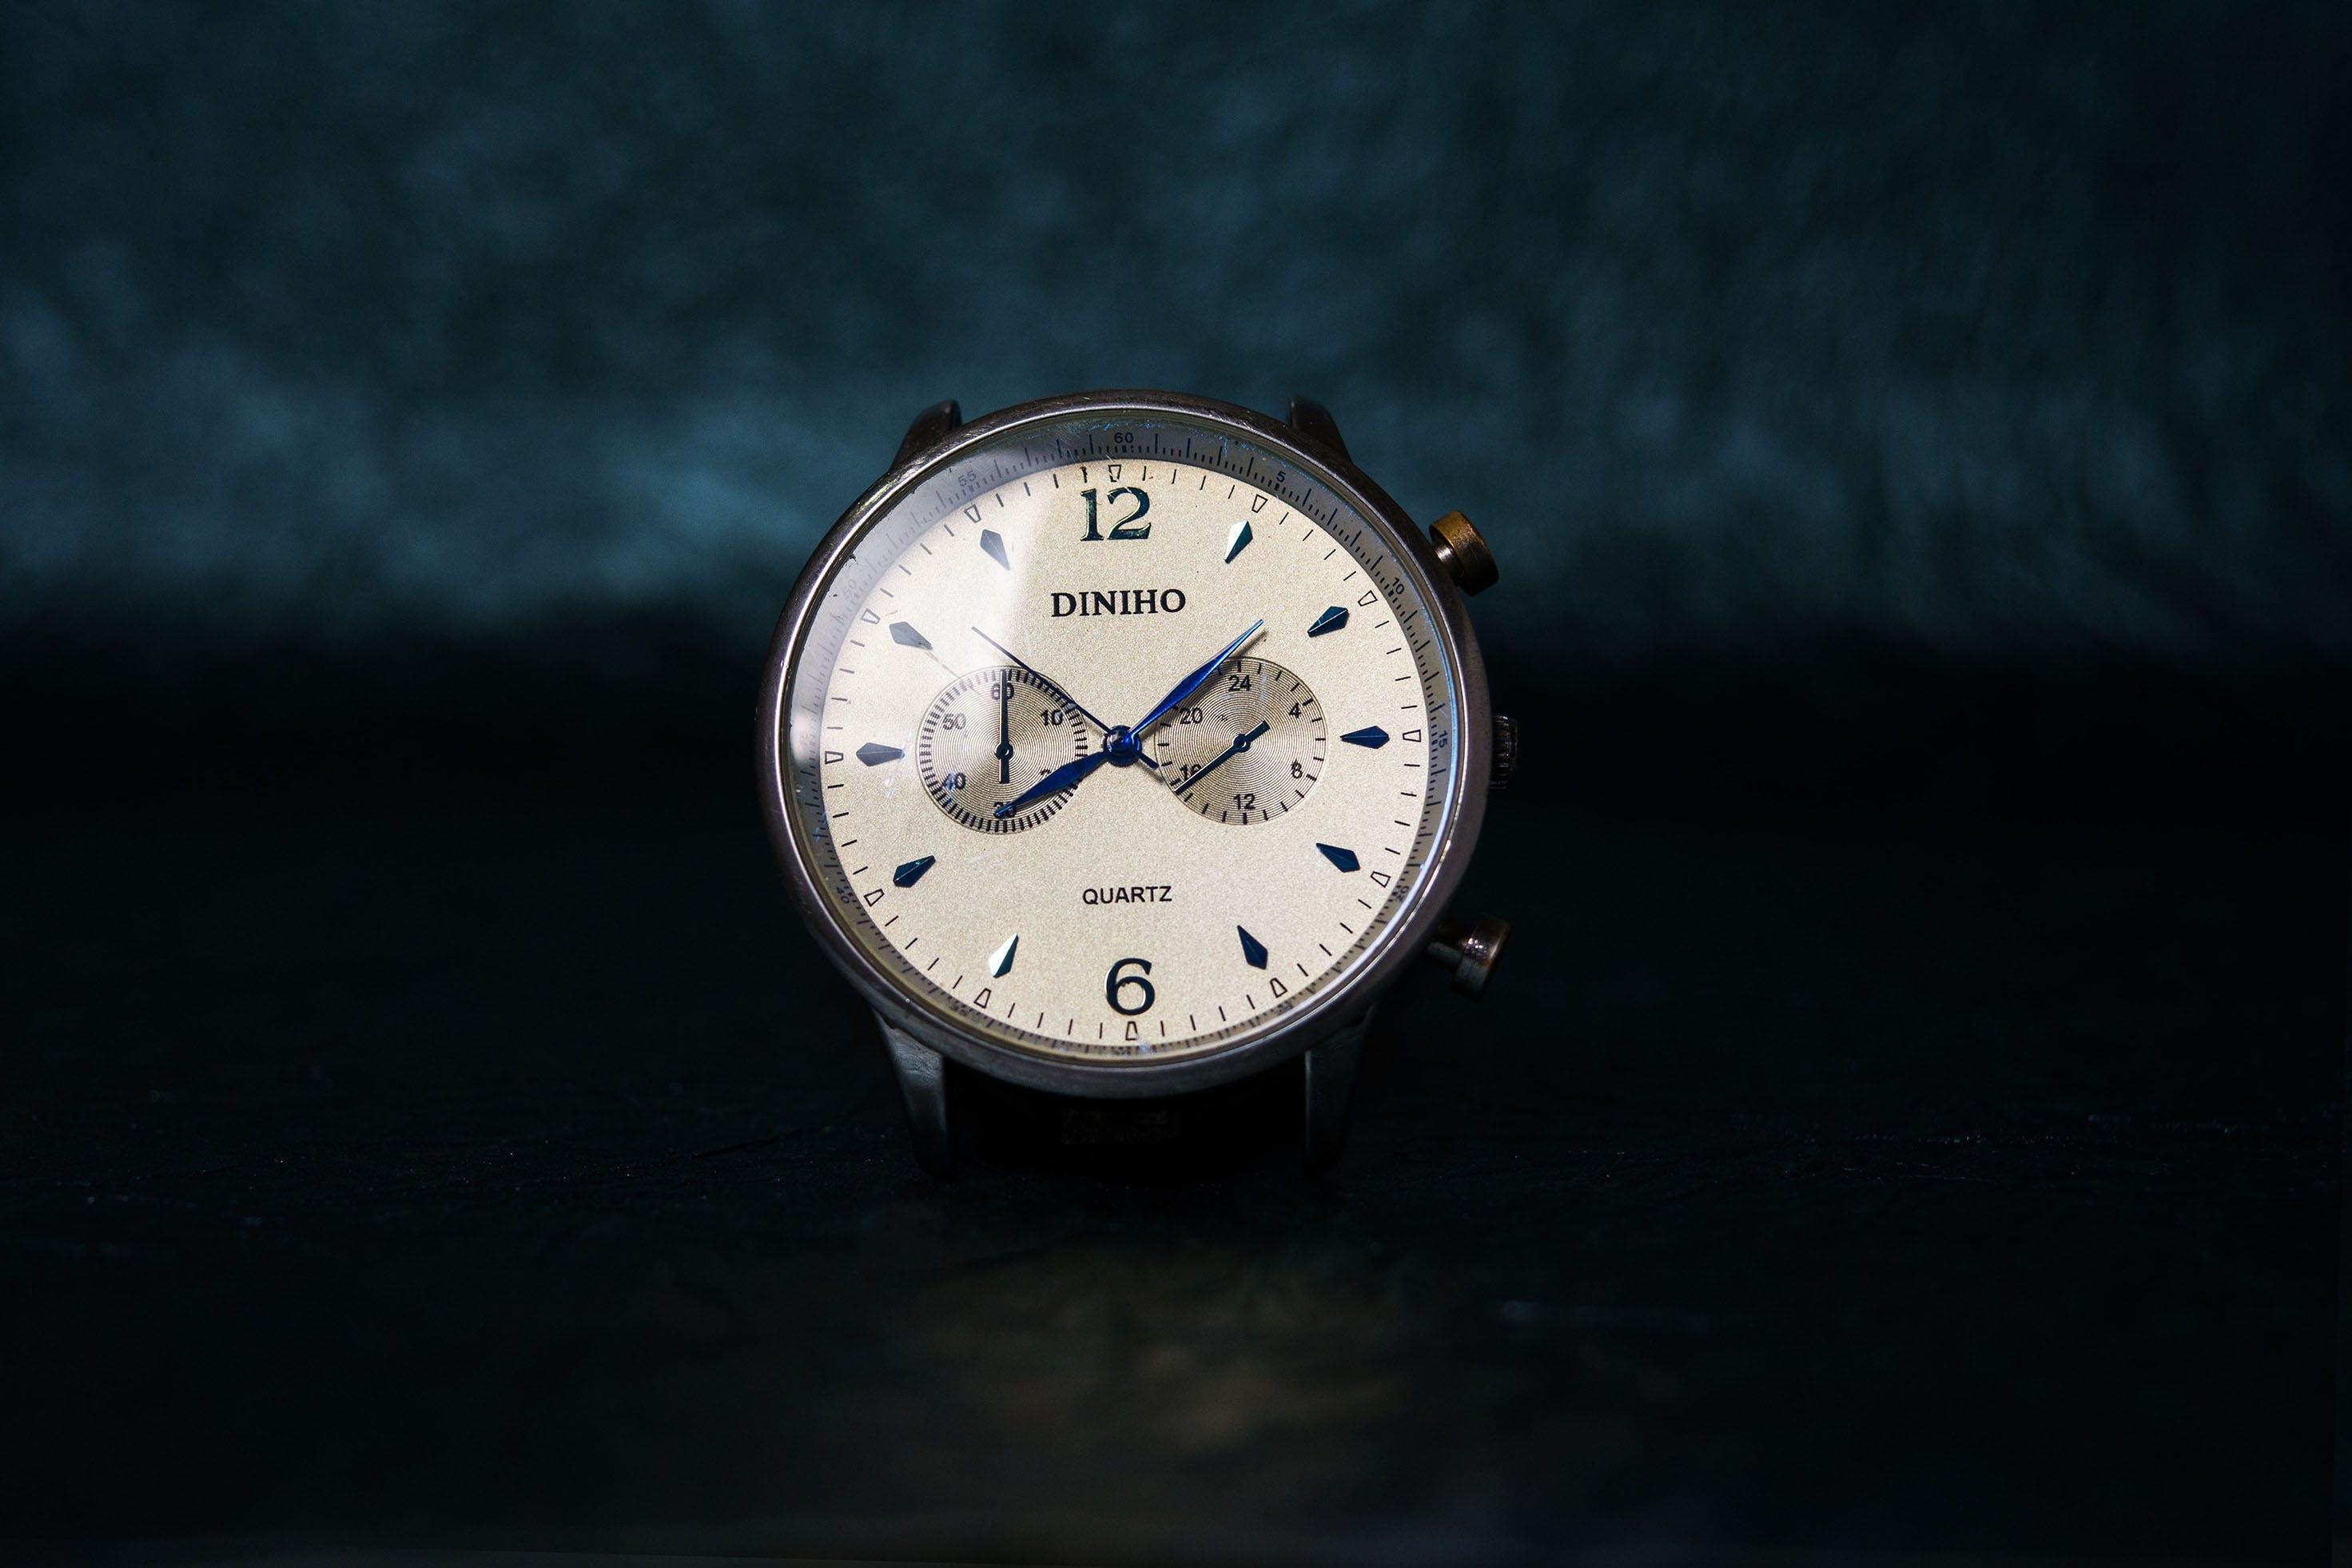 Foto d'estoc gratuïta de Analògic, diniho, rellotge, rellotge de polsera